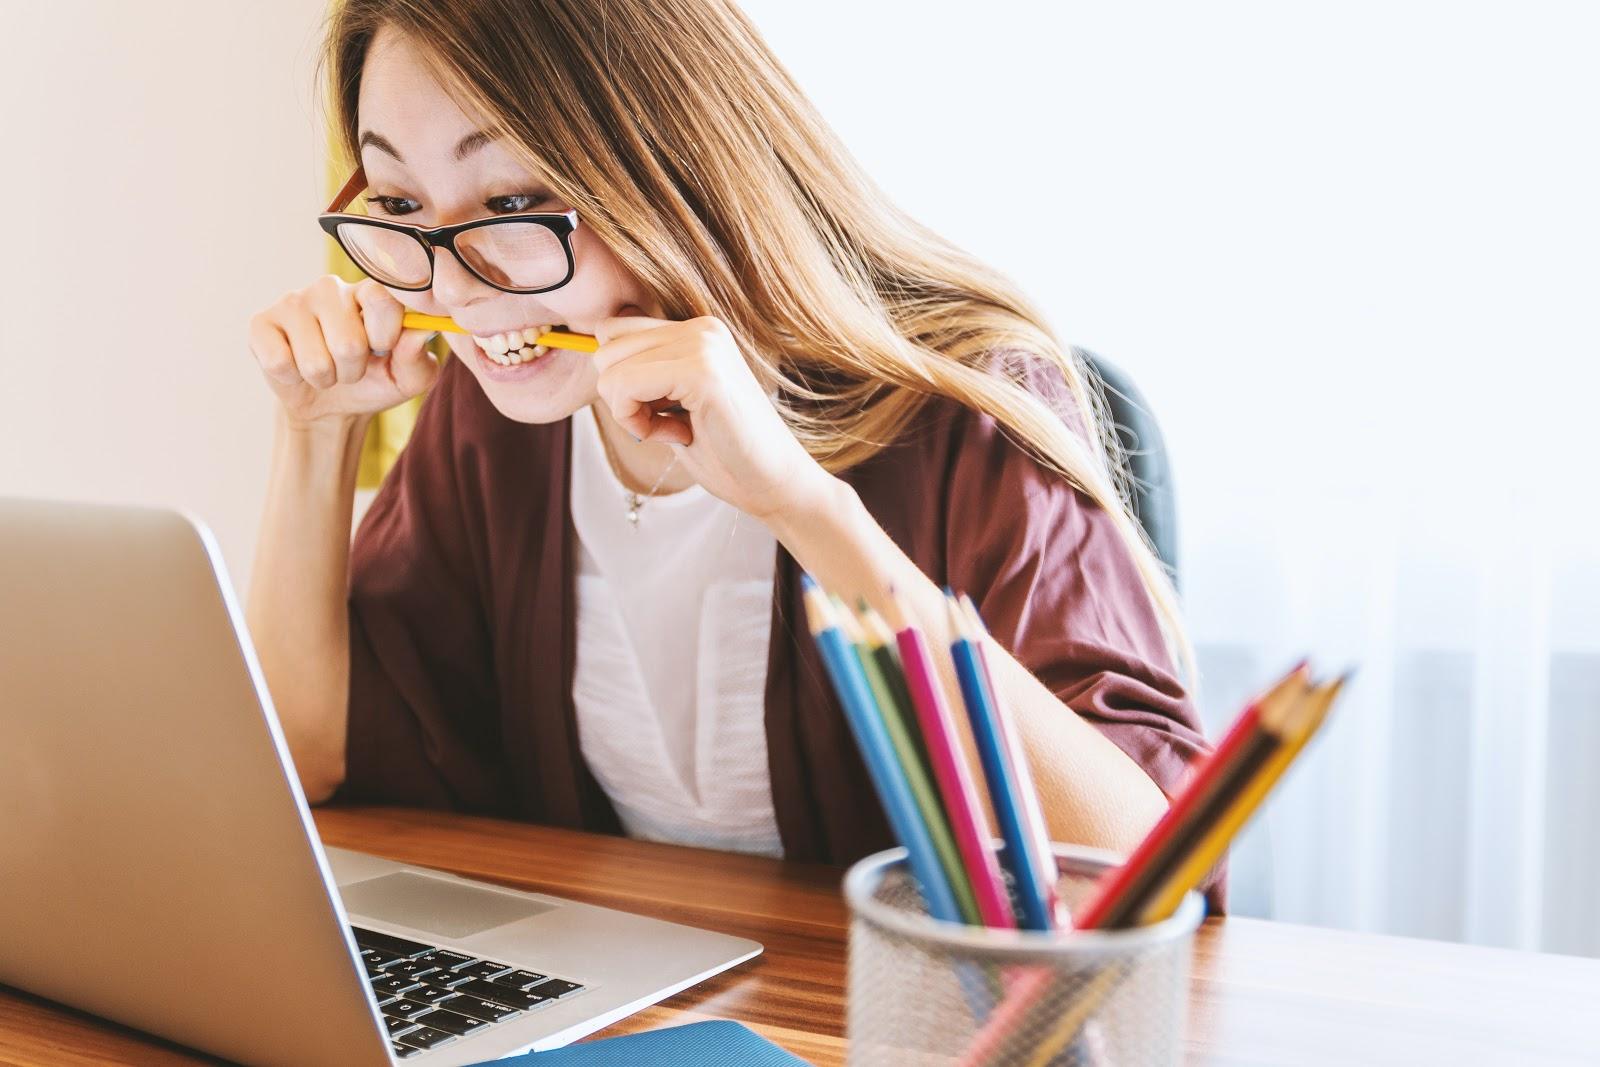 Femme entrepreneure stressée à cause du stress